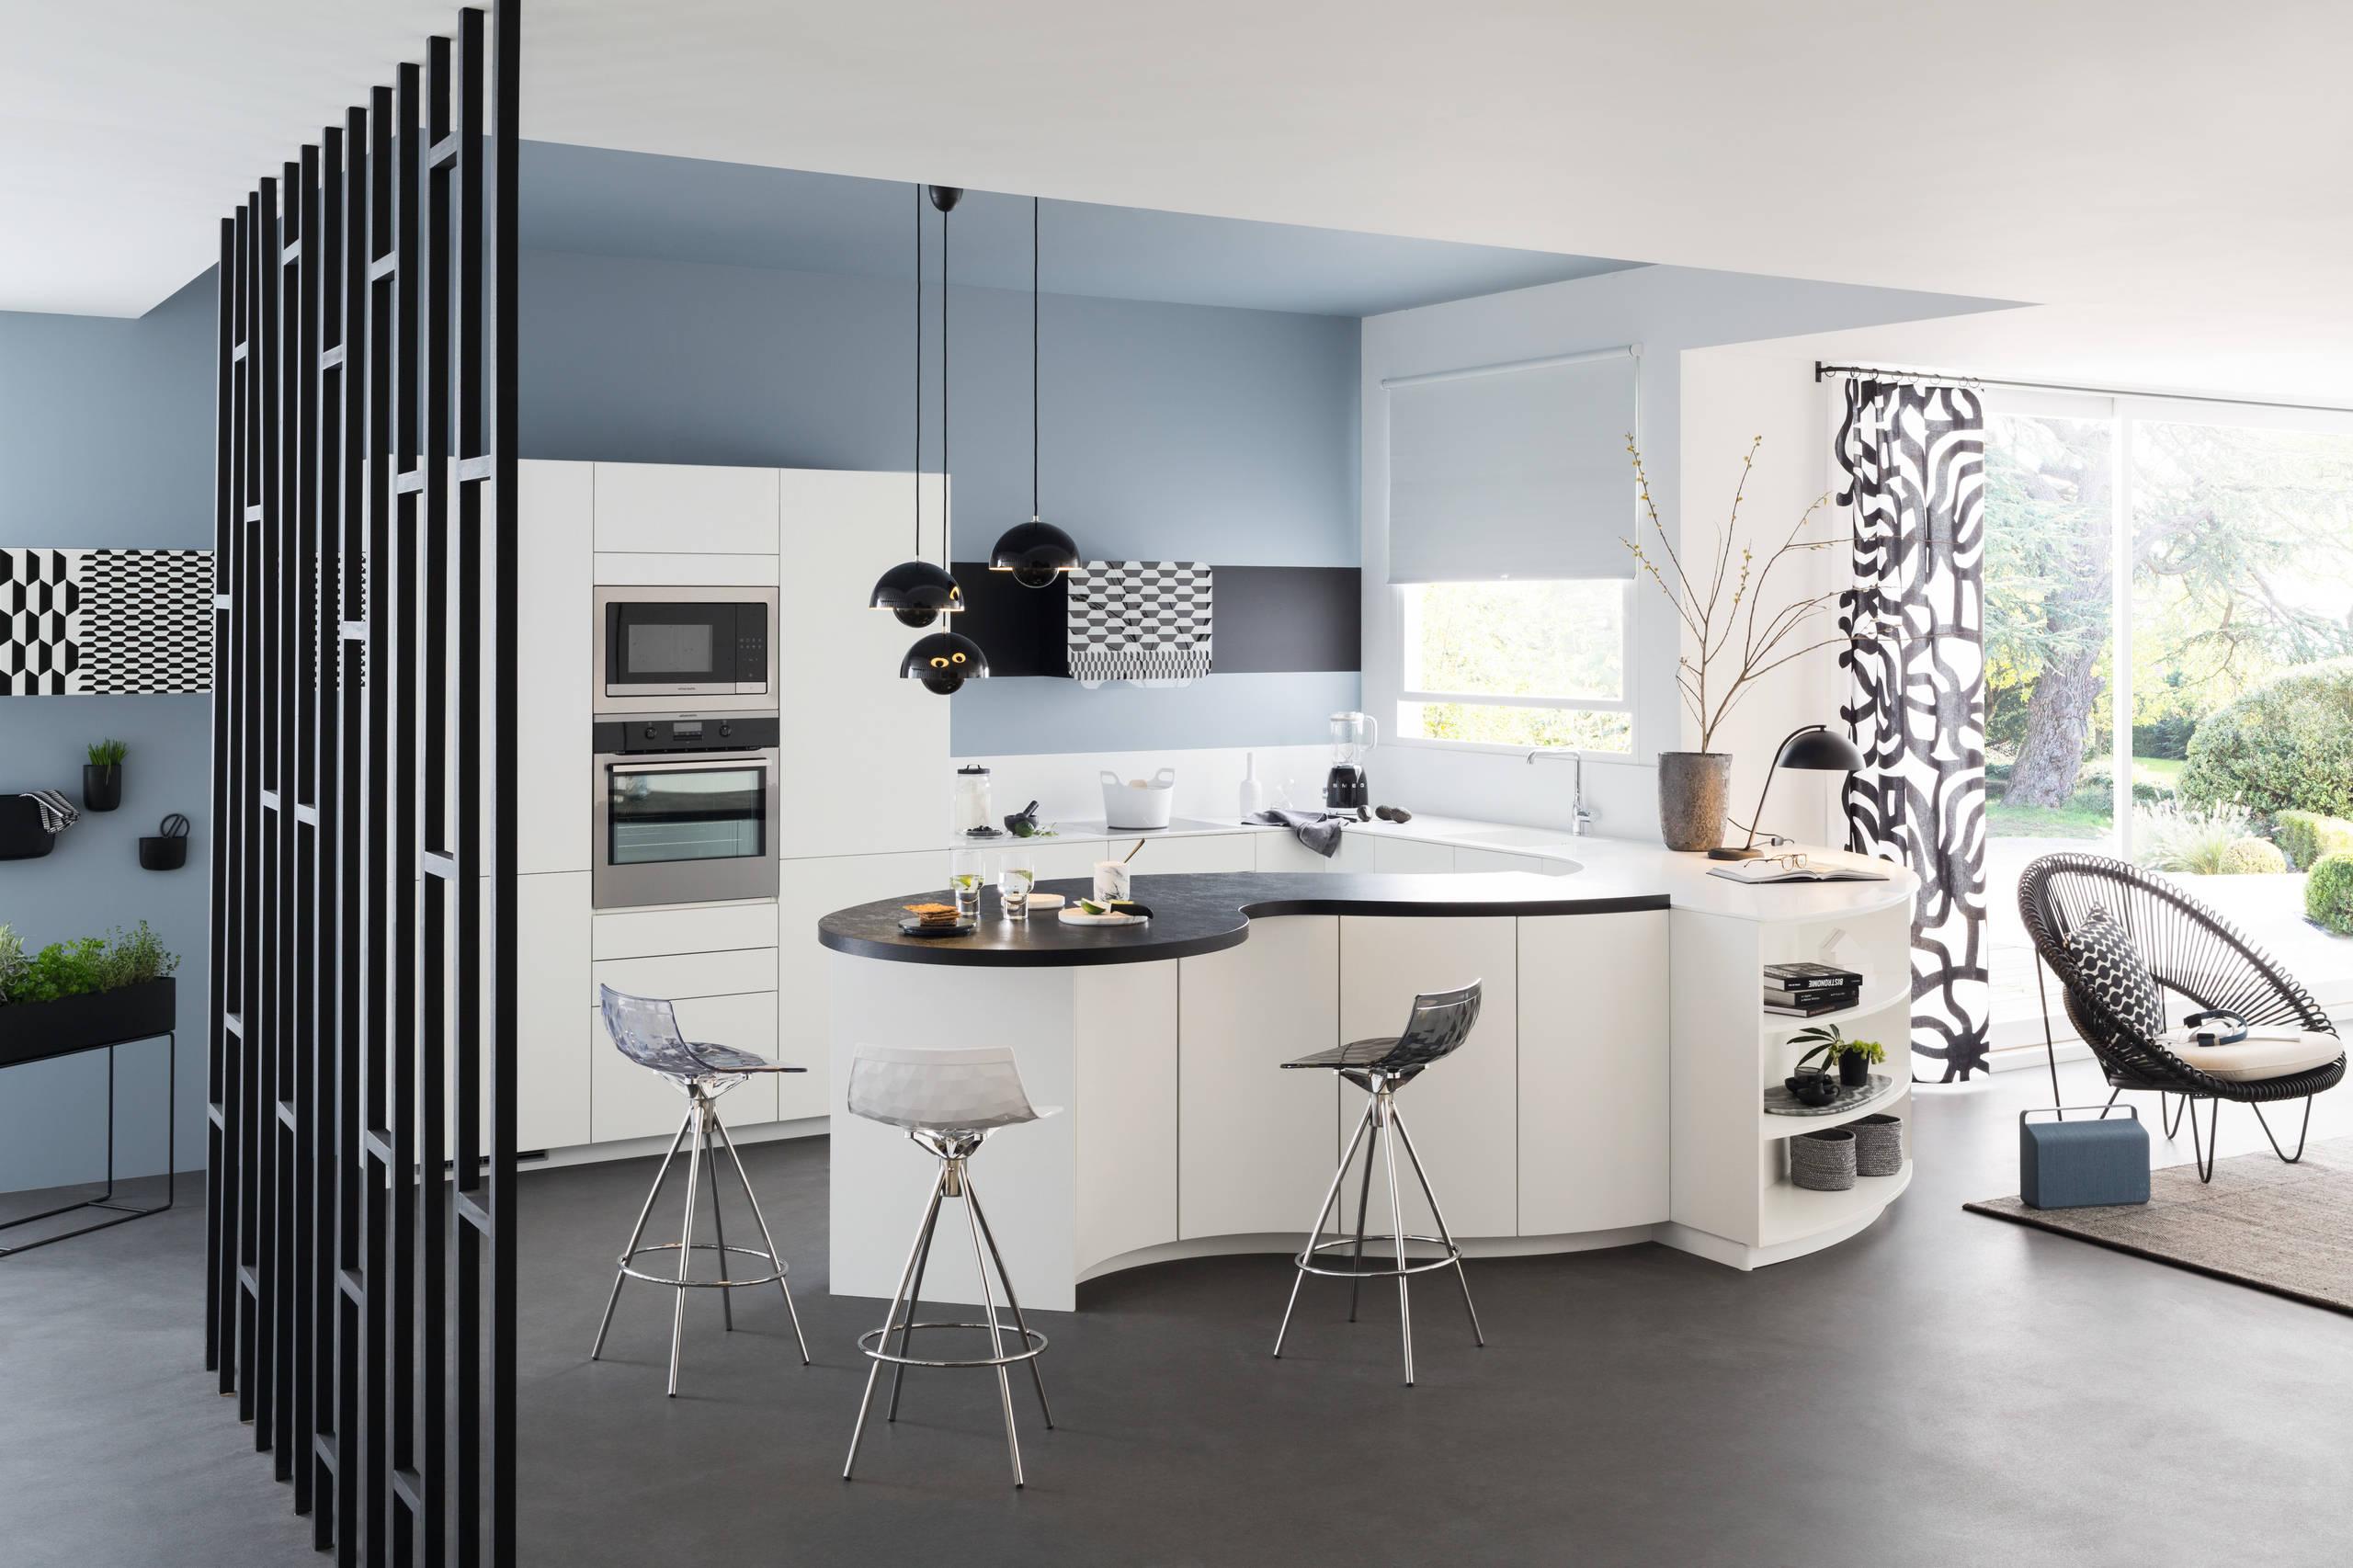 Kitchen Wall Divider Ideas Photos Houzz